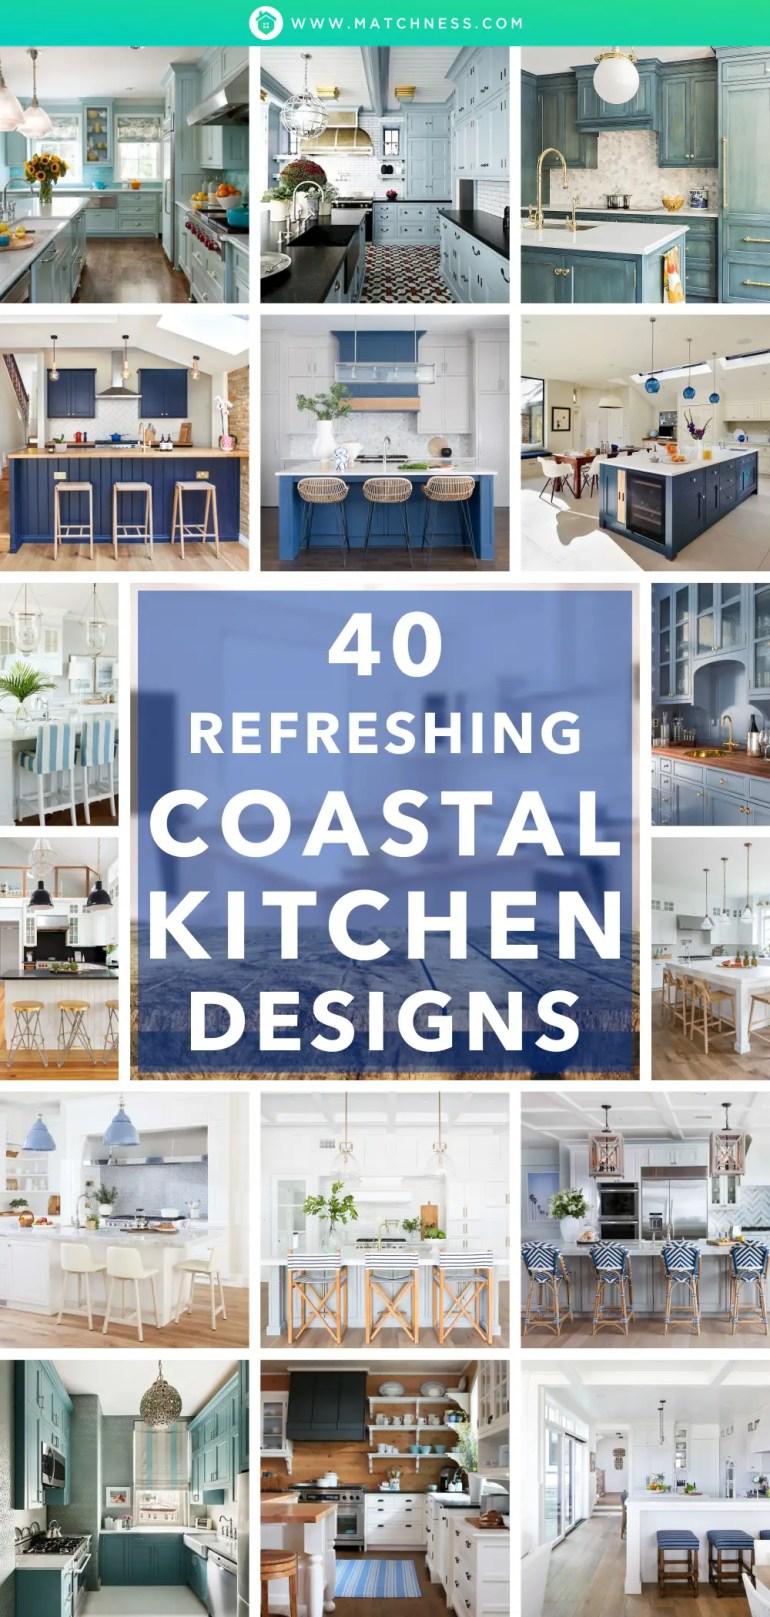 40-refreshing-coastal-kitchen-designs1